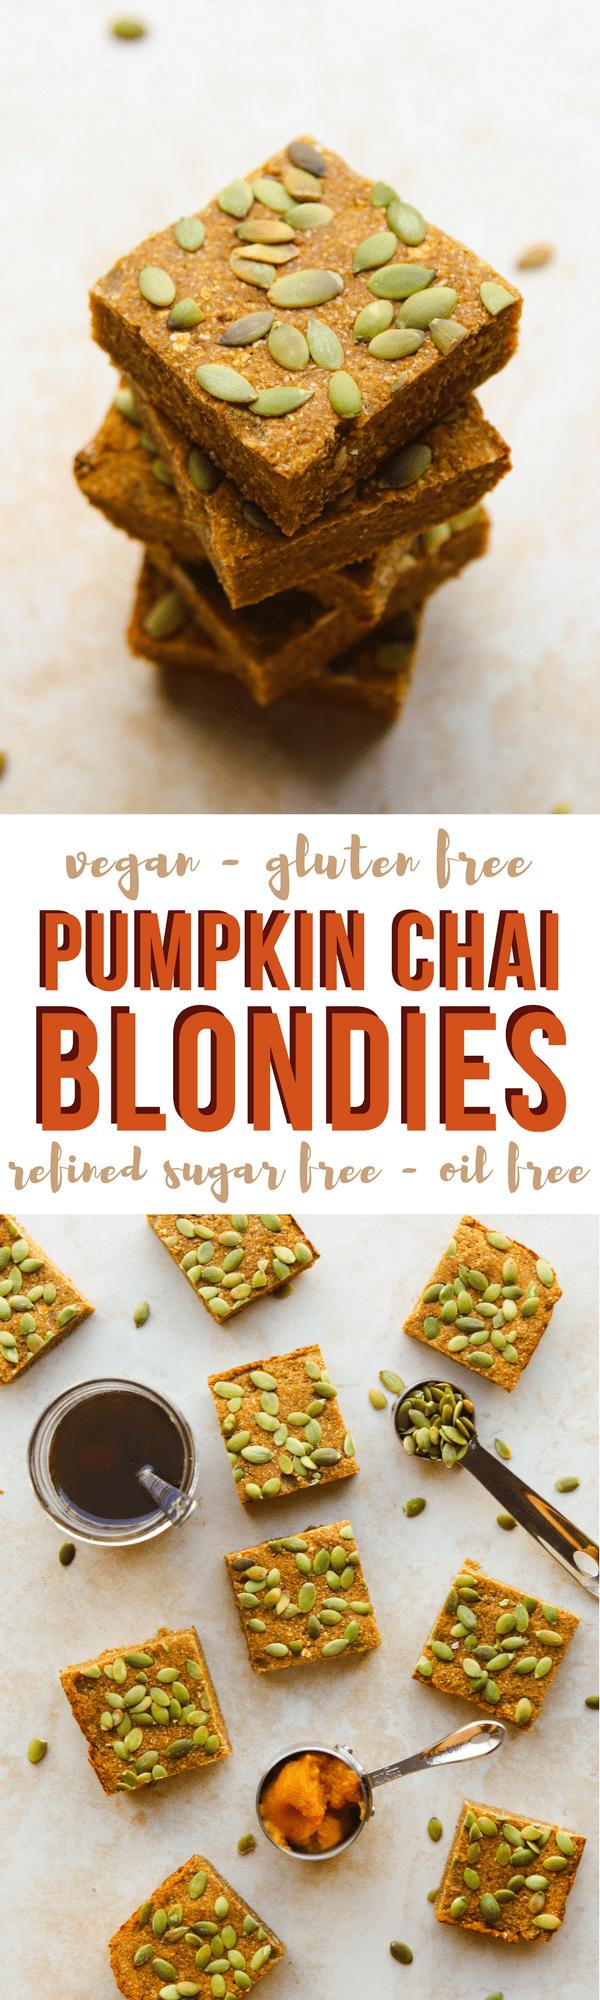 Pumpkin Chai Blondies Gluten Free Vegan